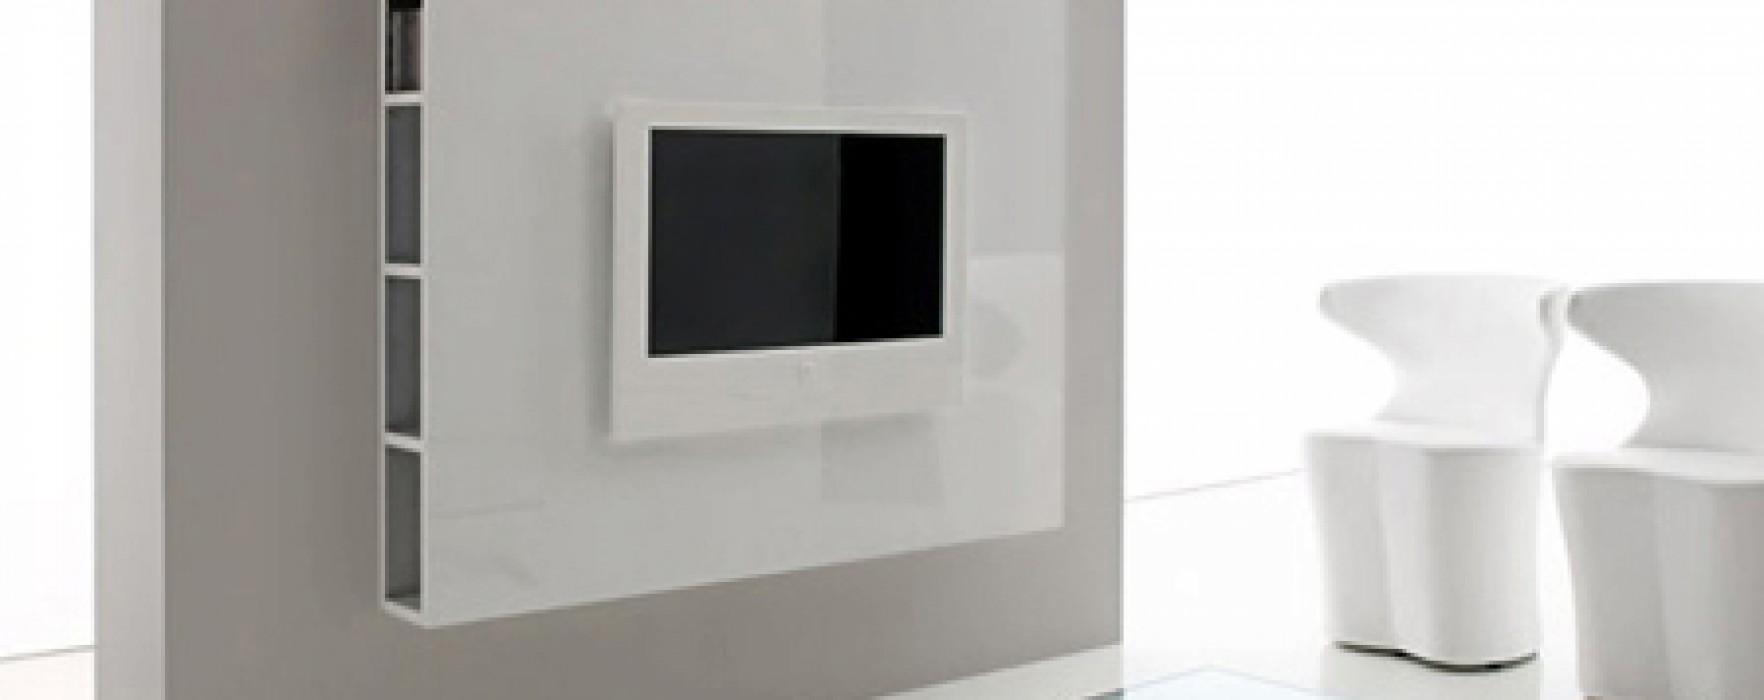 Appendere Tv Muro la portata delle pareti in legno | caseprefabbricateinlegno.it